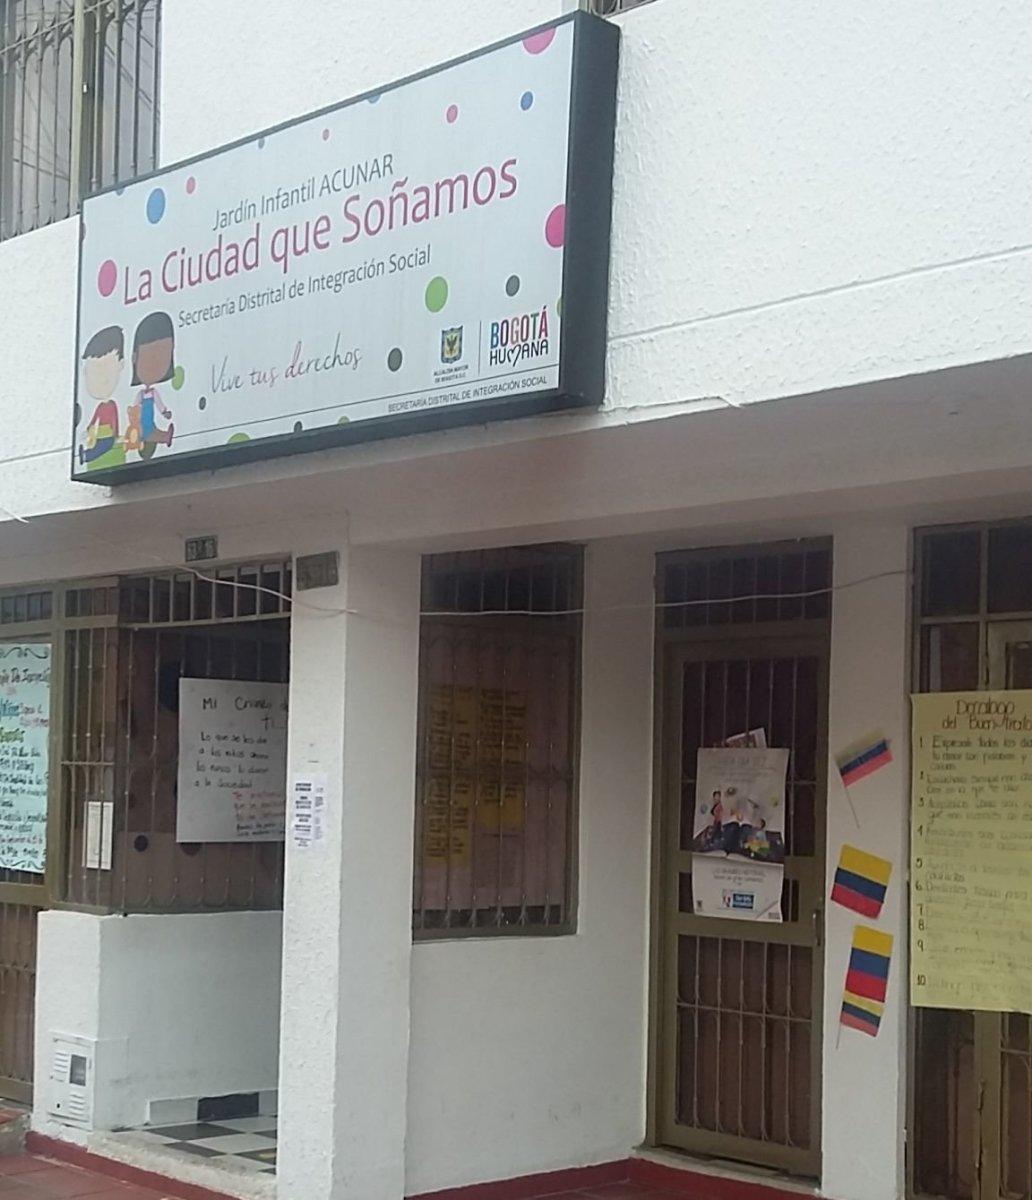 Jardin infantil acunar la ciudad que so amos muequet for Barrio ciudad jardin norte bogota